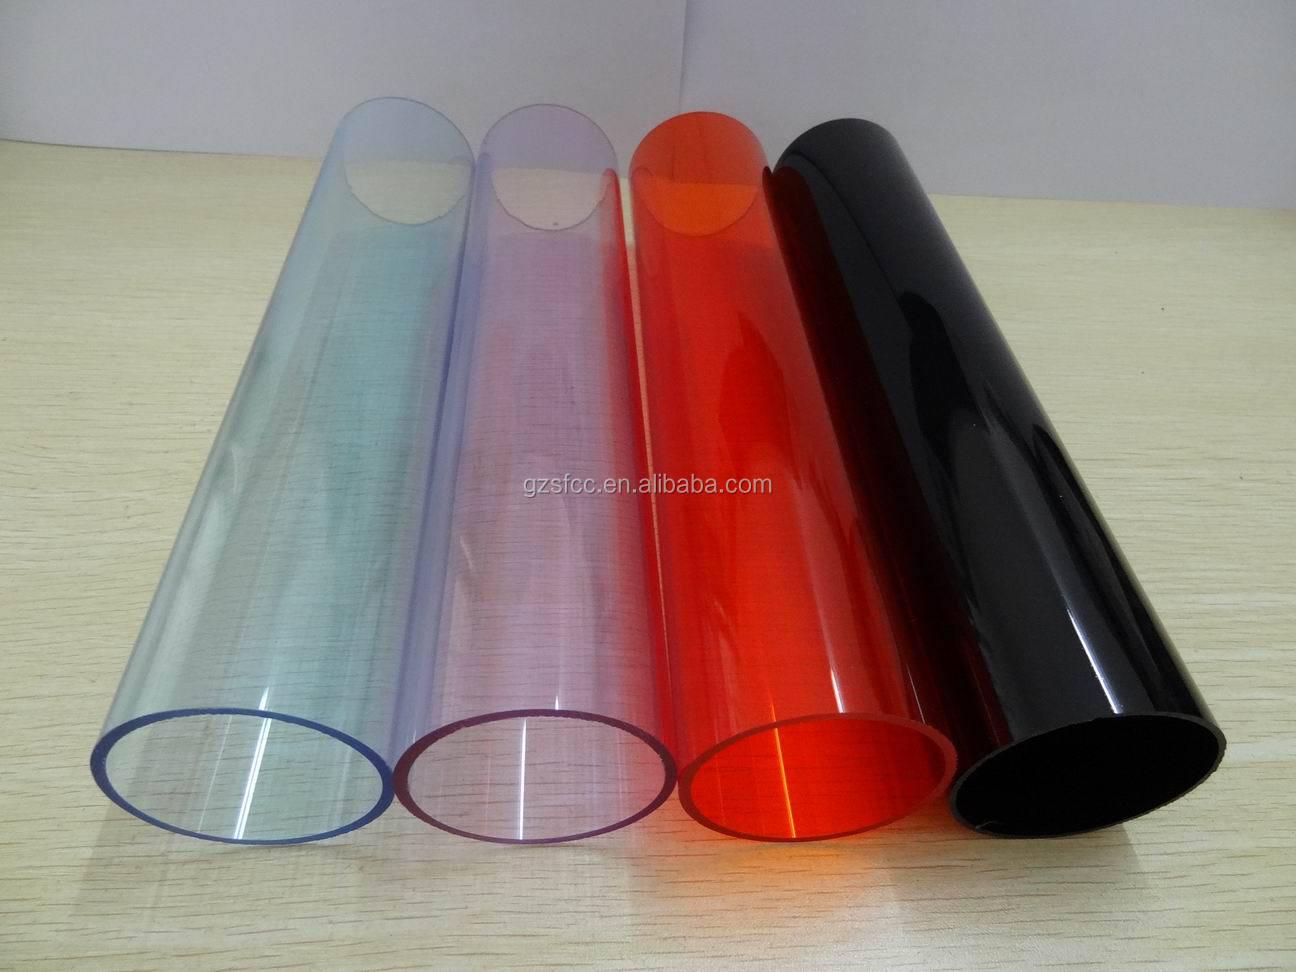 vert clair pmma tube couleur tube en plexiglas couleur pmma tuyau feuilles en plastiques id de. Black Bedroom Furniture Sets. Home Design Ideas